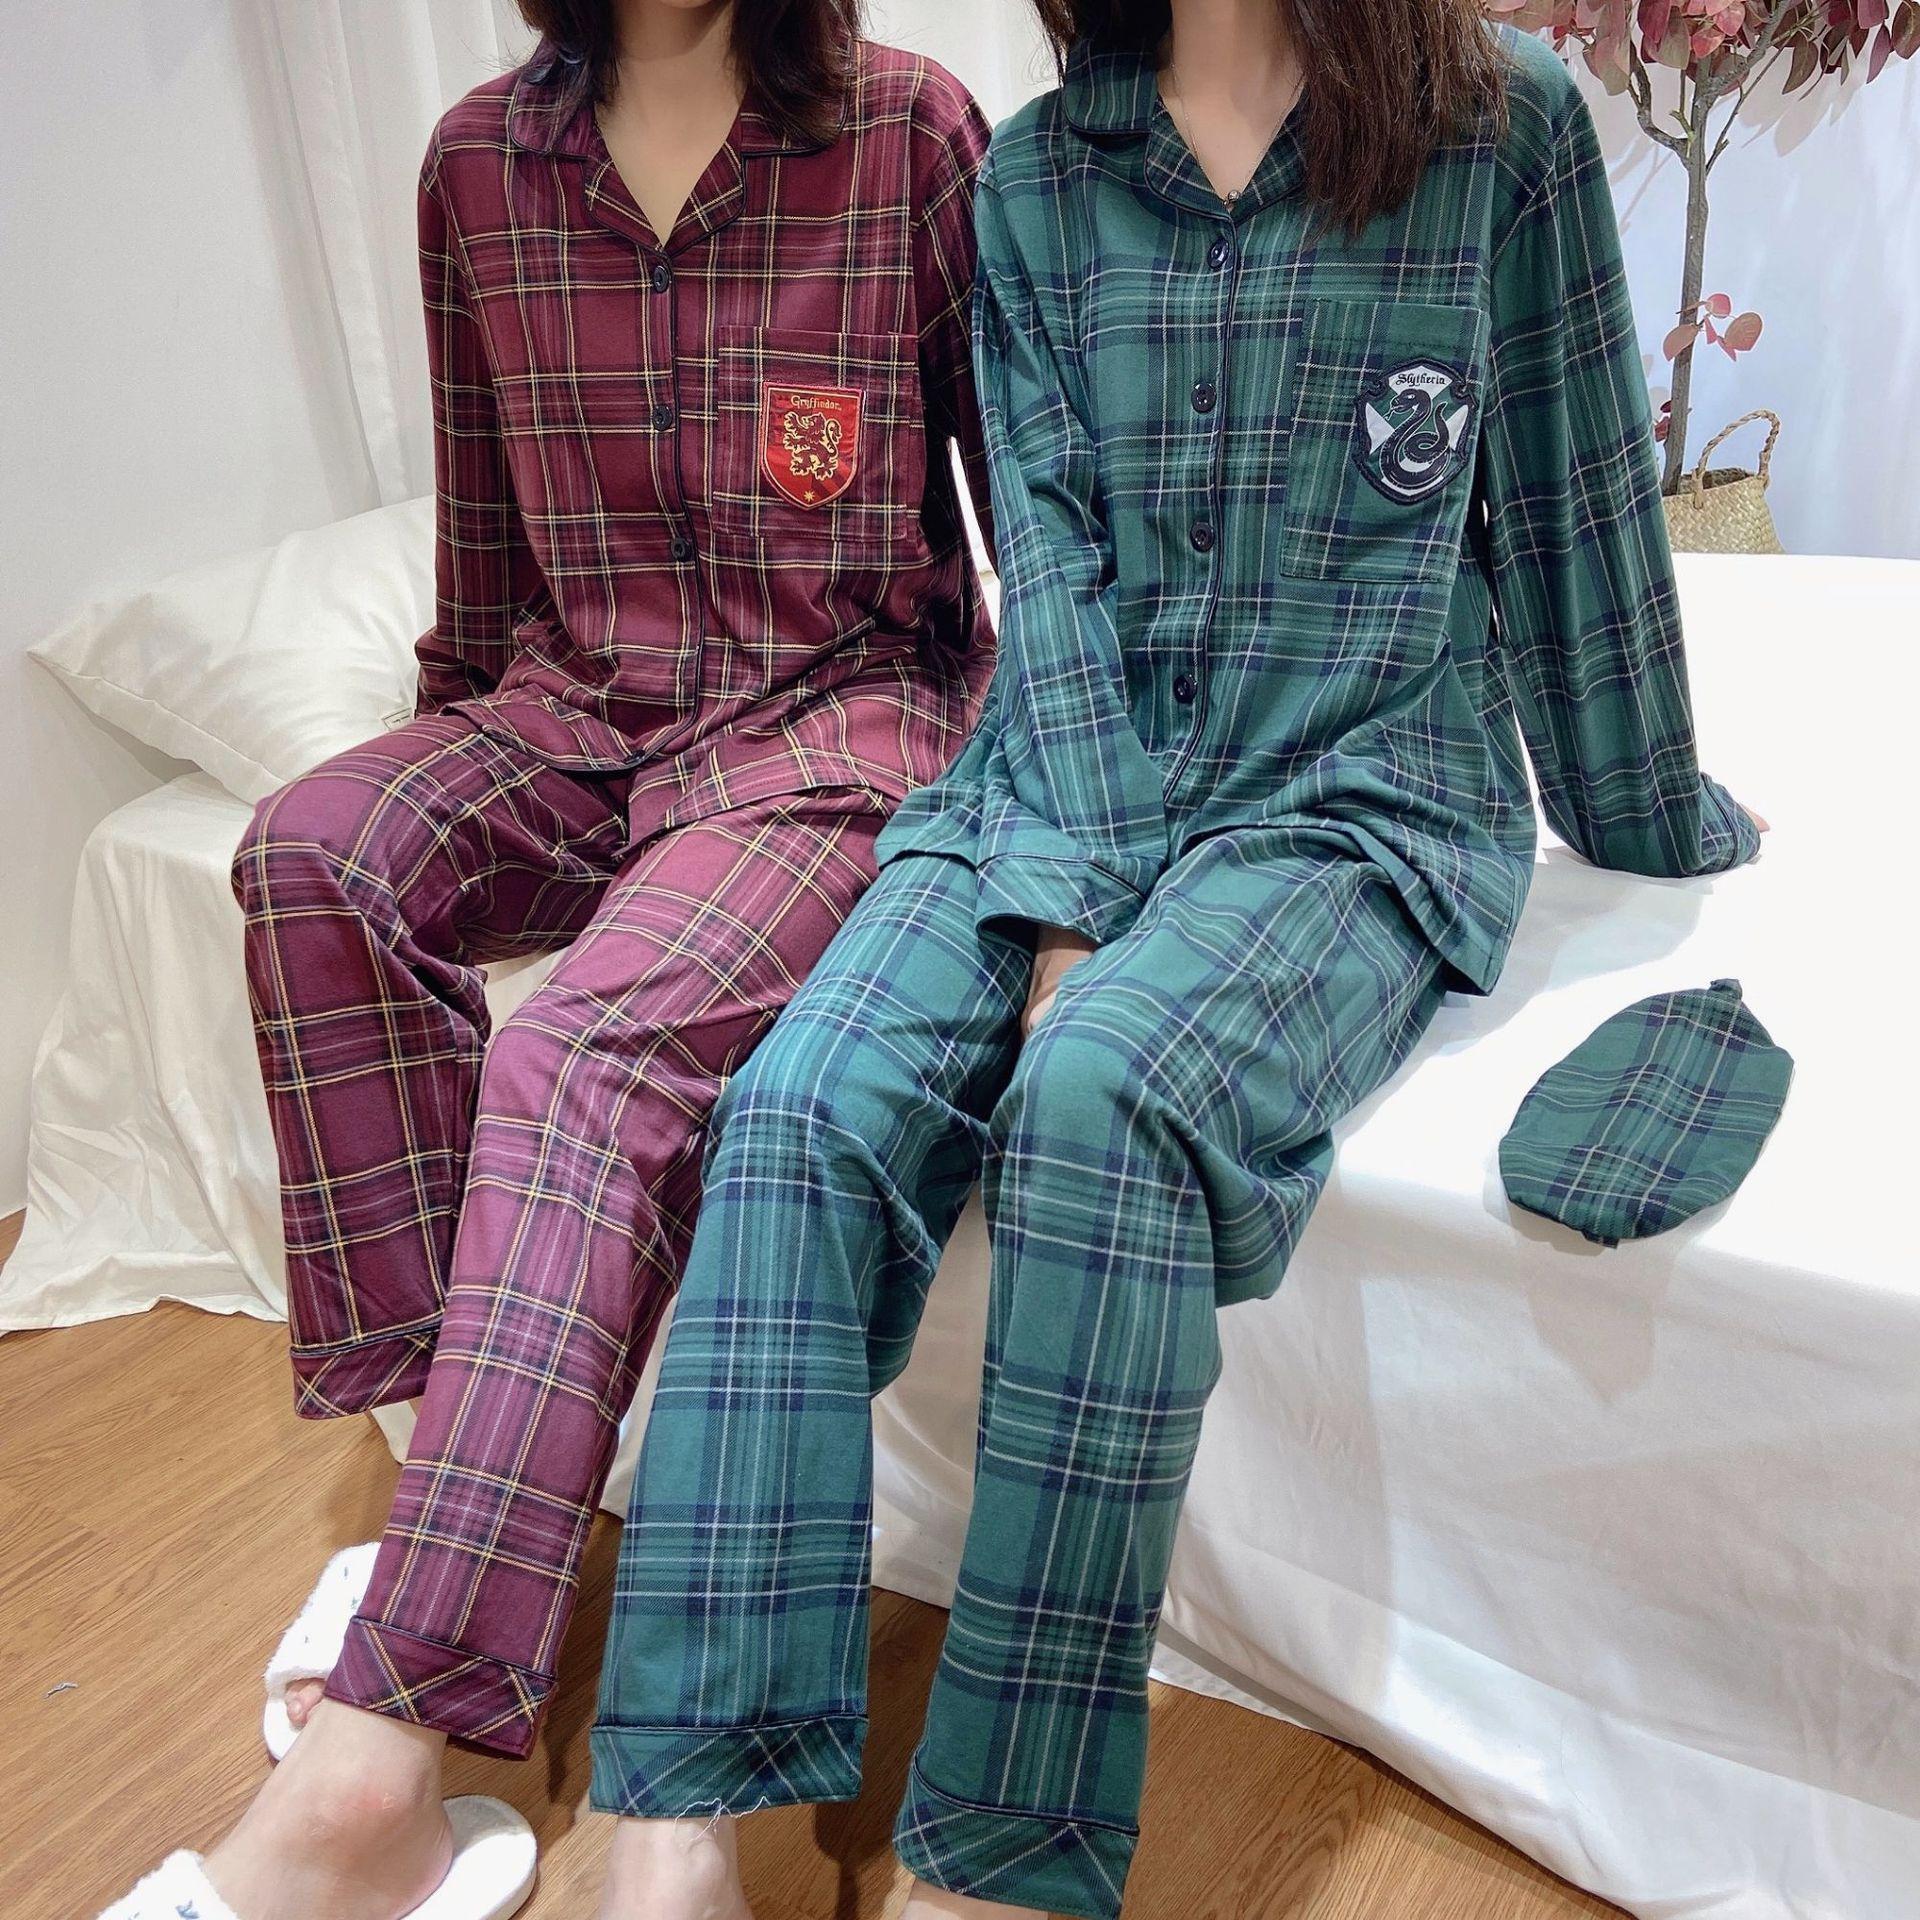 Новинка! Пижама для косплея для мужчин и женщин, летняя, зимняя, ретро, клетчатая, хлопковая, ночная рубашка для дома, одежда для сна C58M23|Костюмы аниме|   | АлиЭкспресс